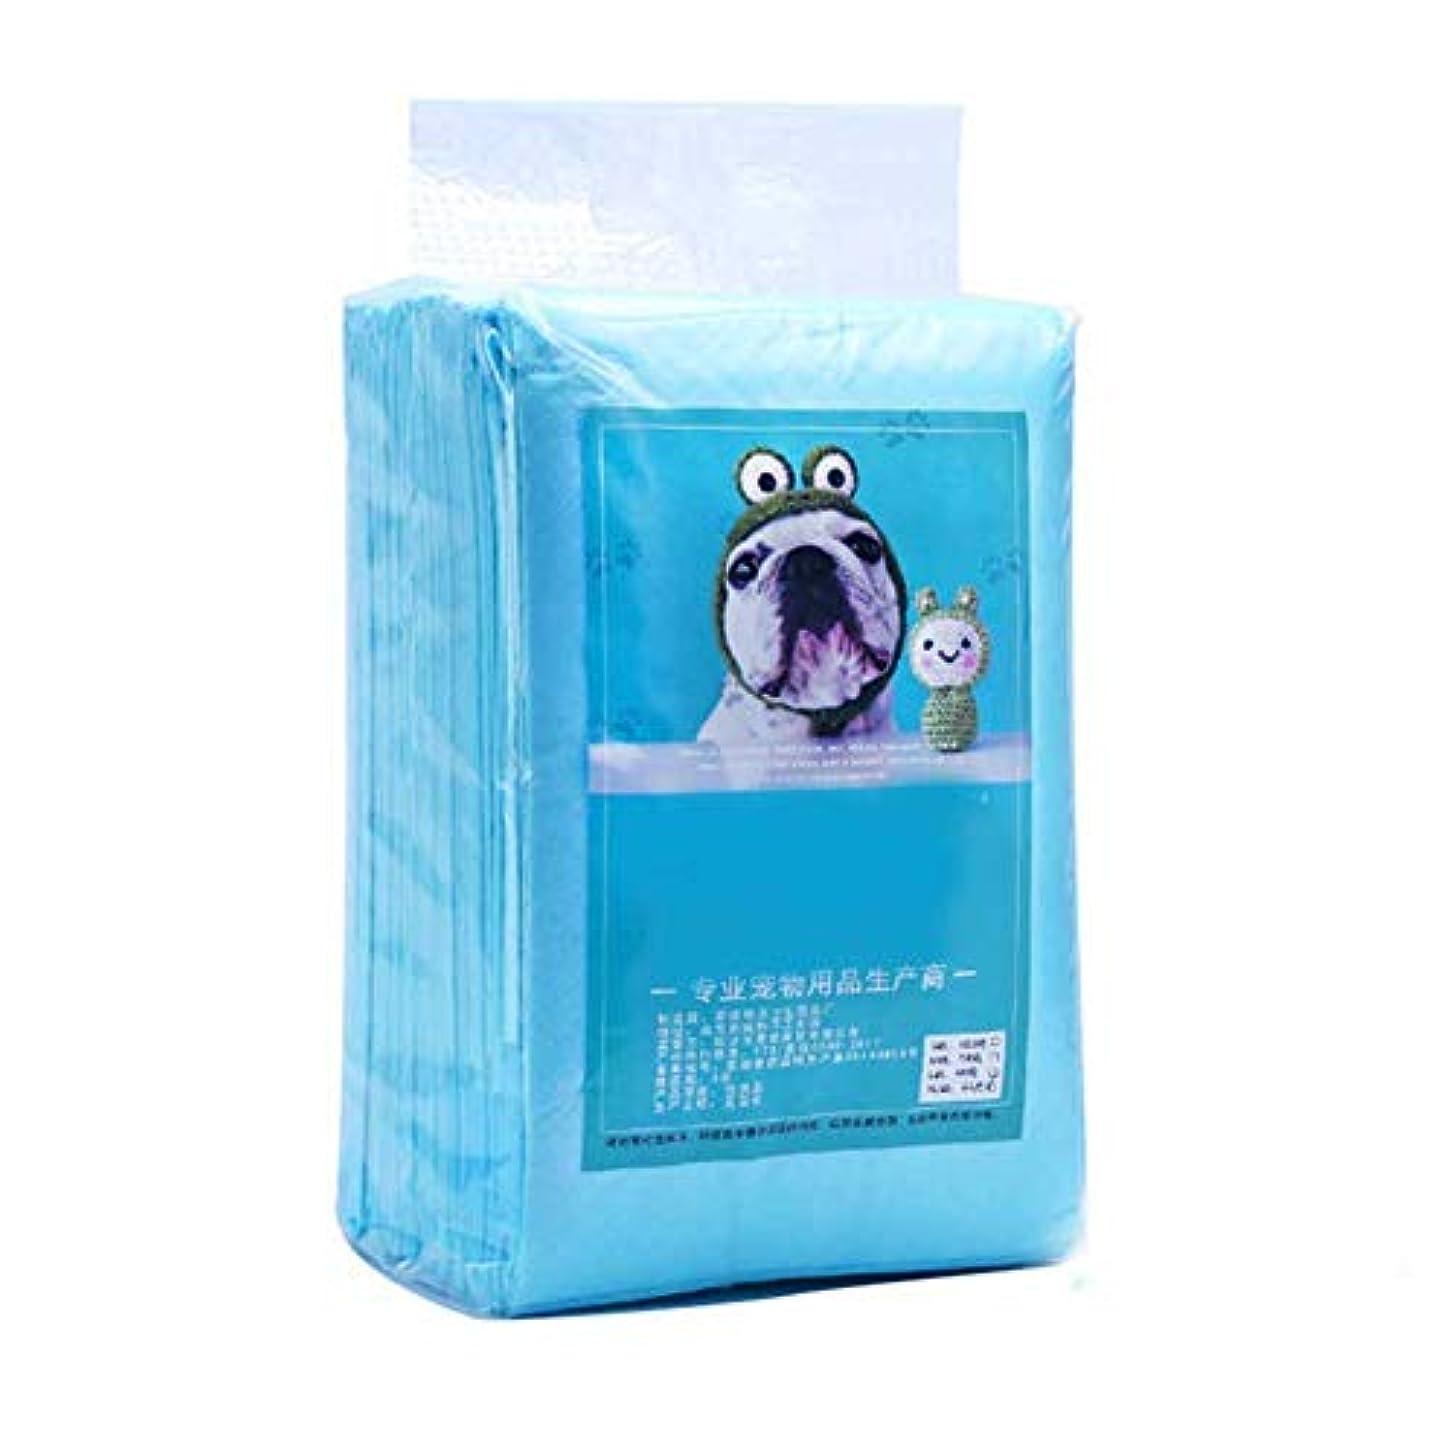 Aylincoolペット用クッション、おむつ、おむつ用クッション、および子犬用小便器パッドは、水を吸収して漏れ、臭いを取り除きます。